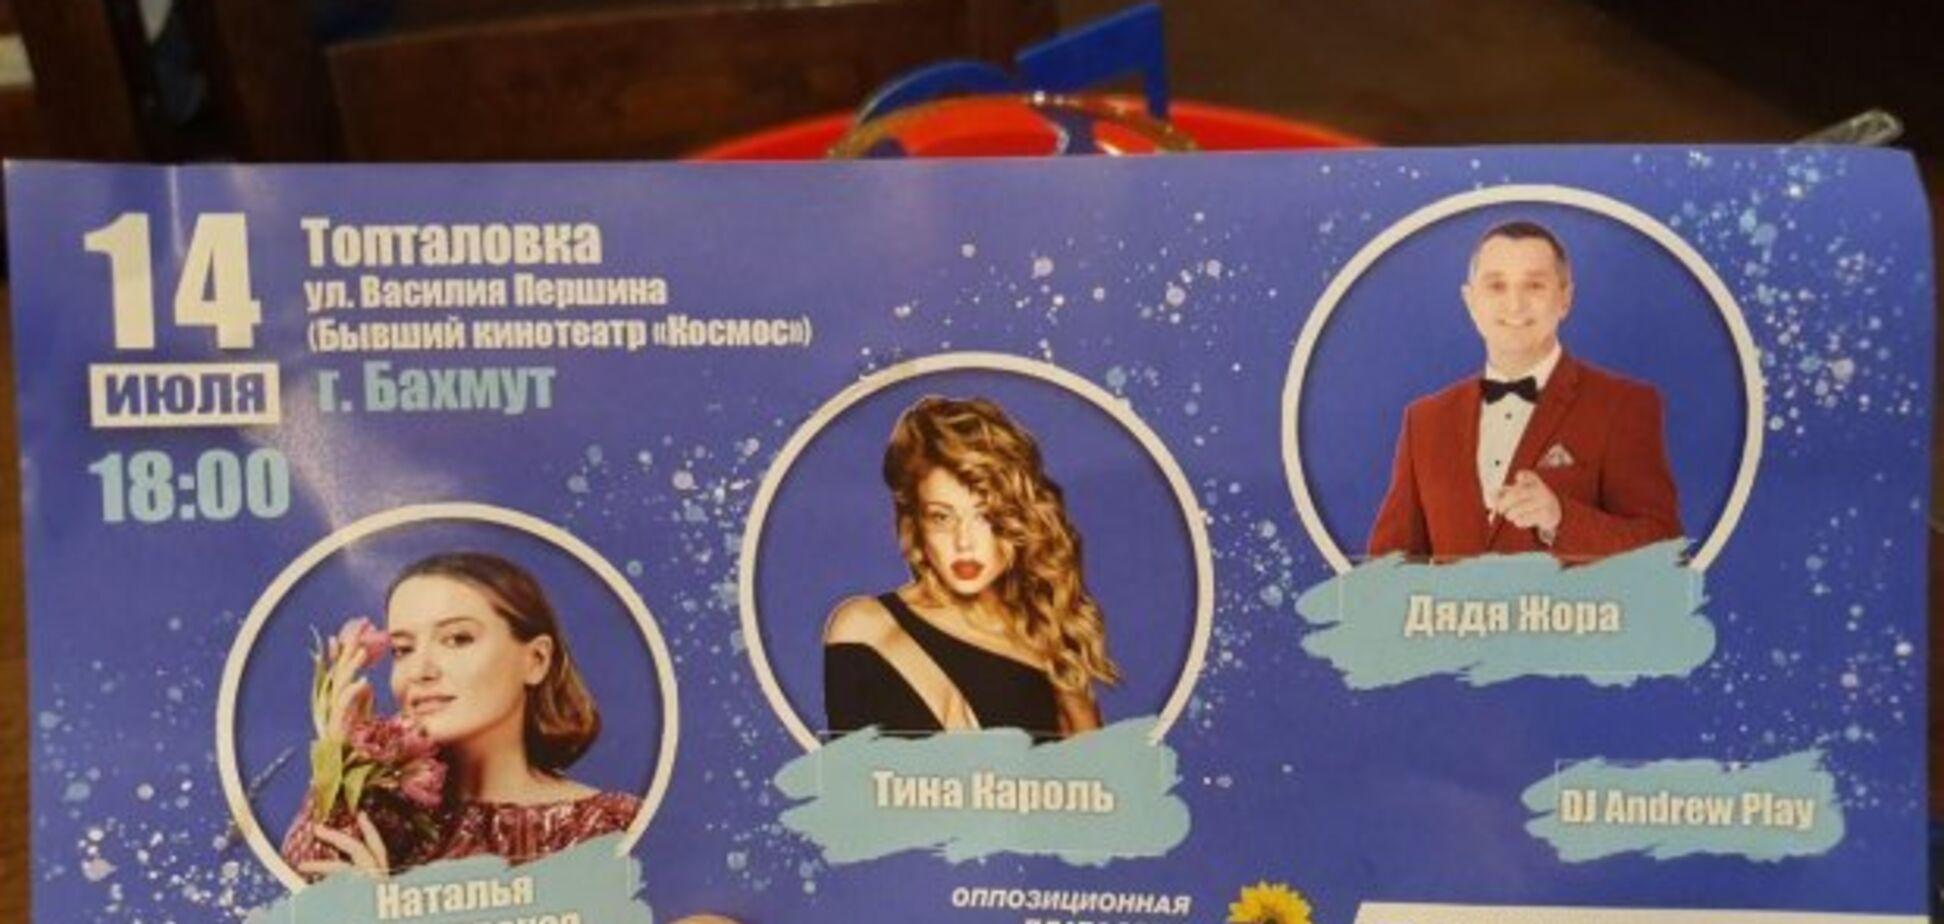 У Медведчука оскандалились з концертом Тіни Кароль на Донбасі: що сталося